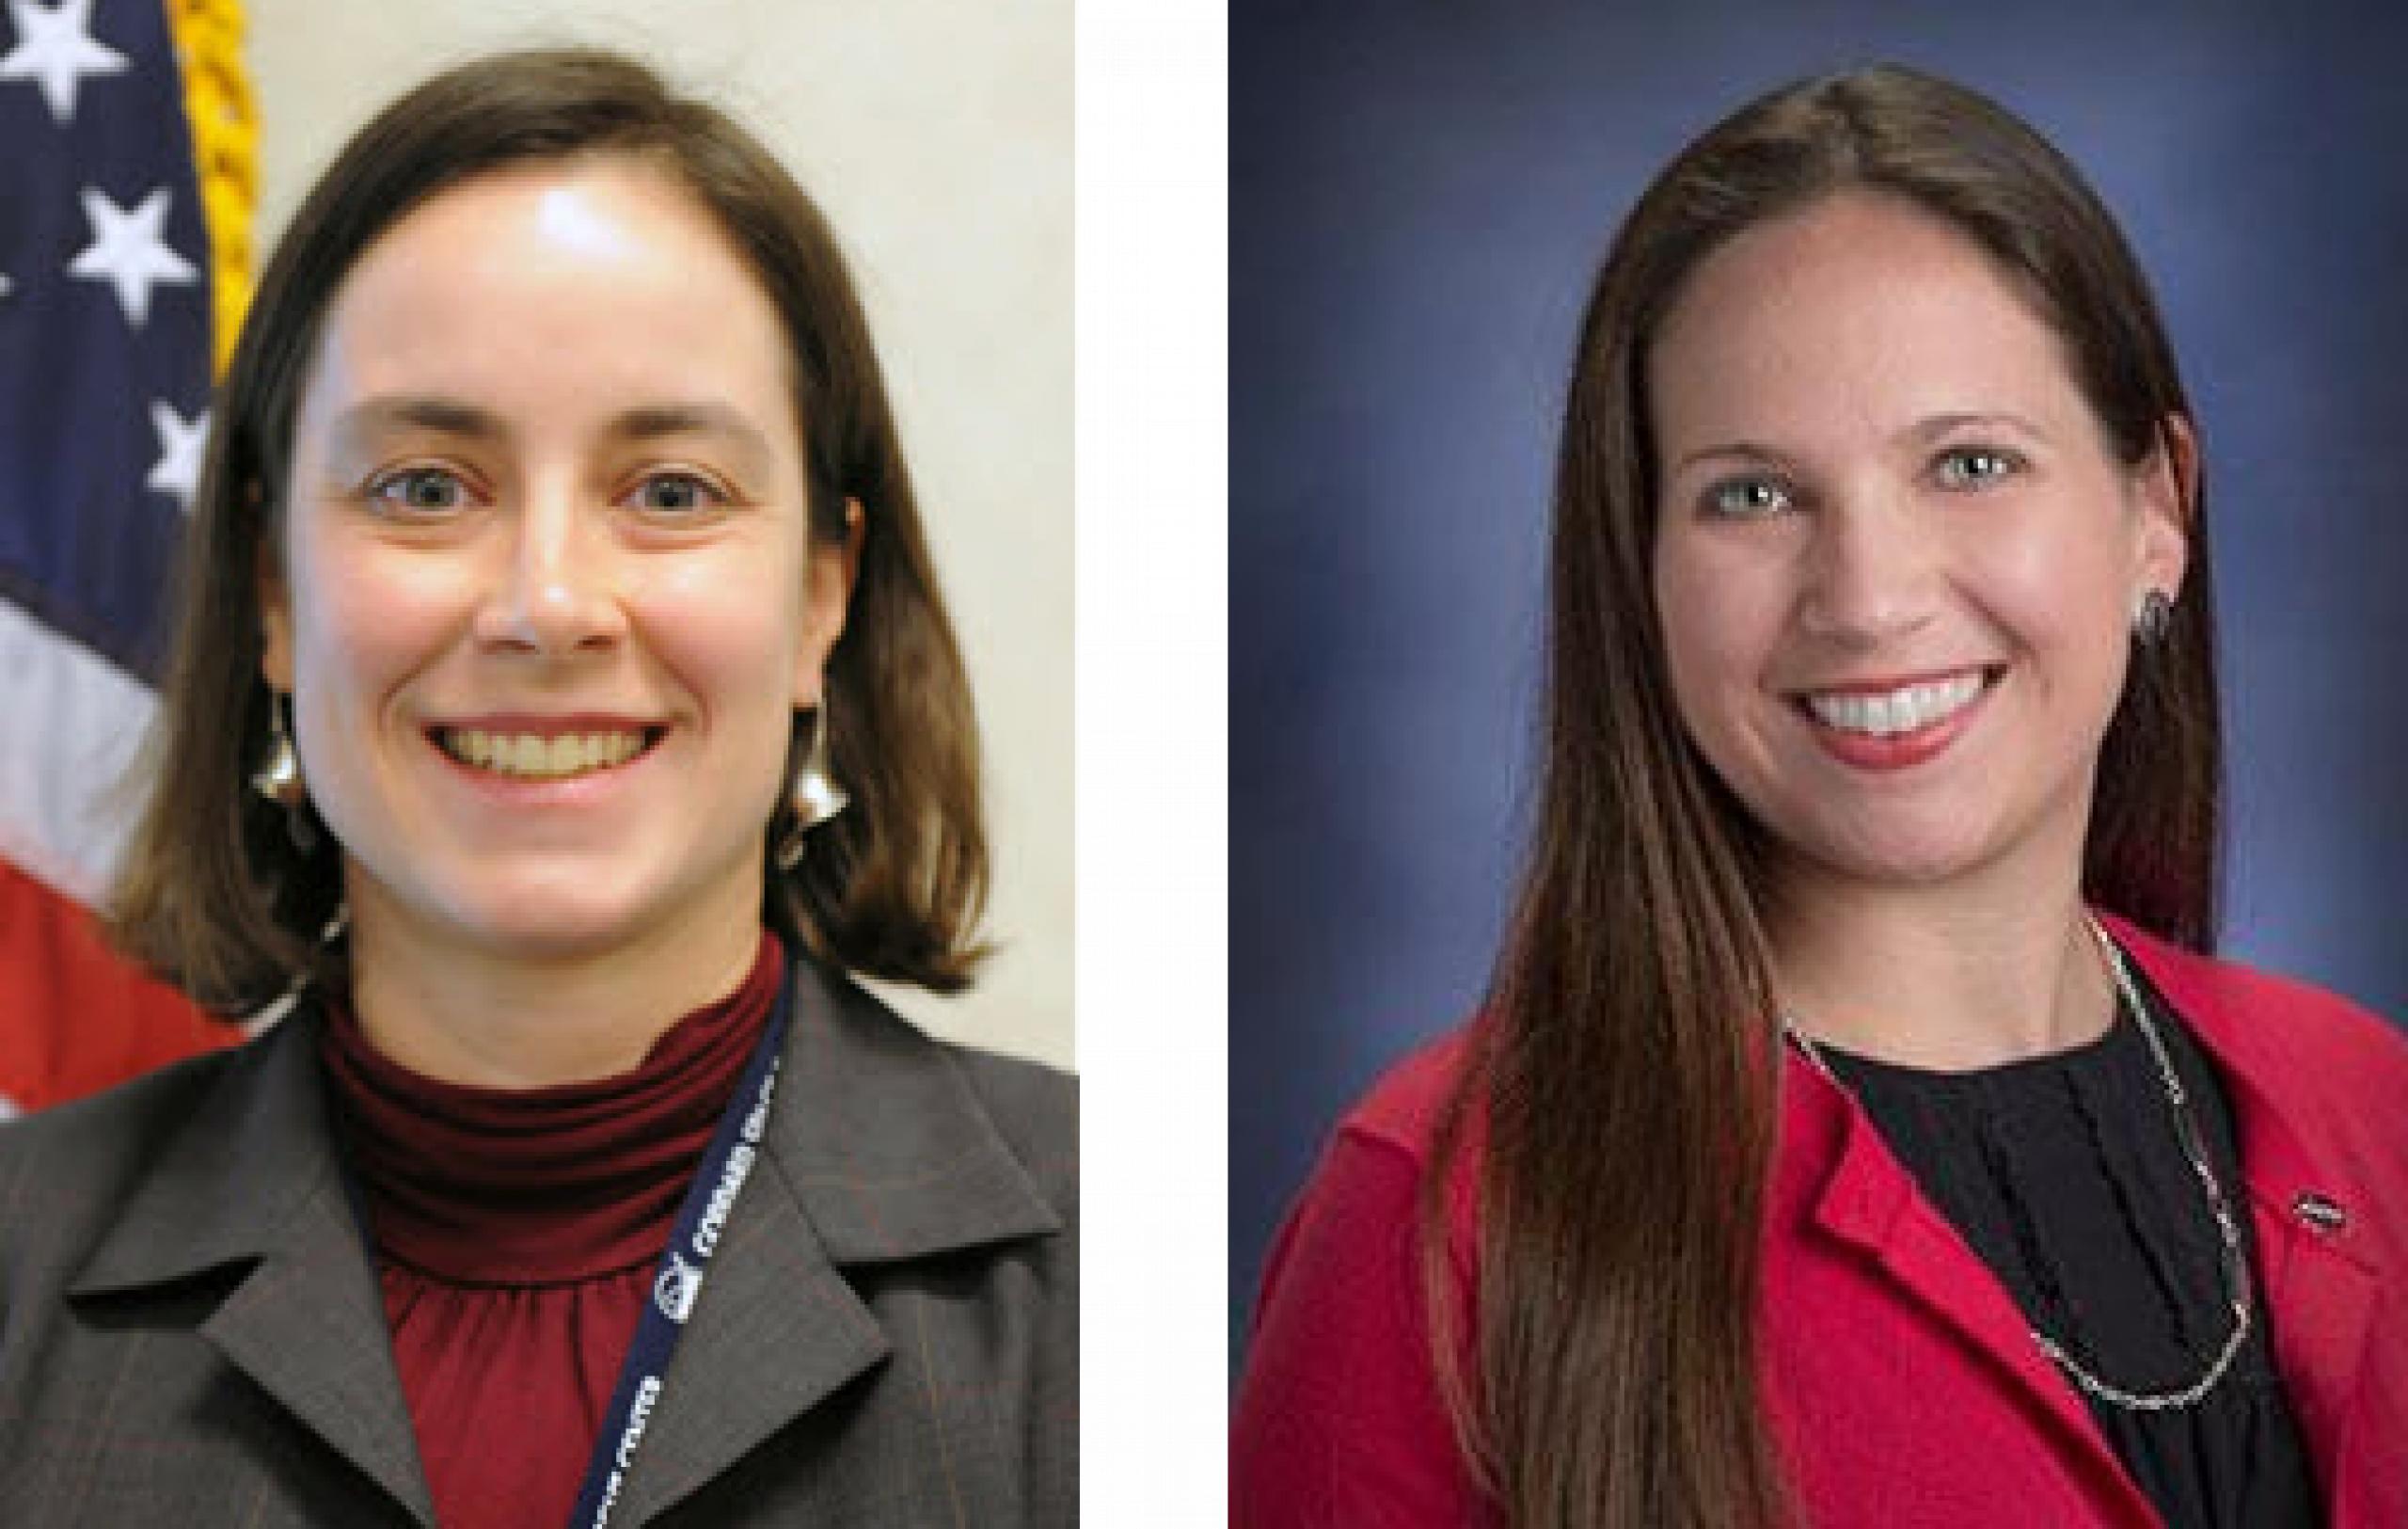 Portrait photo of two women